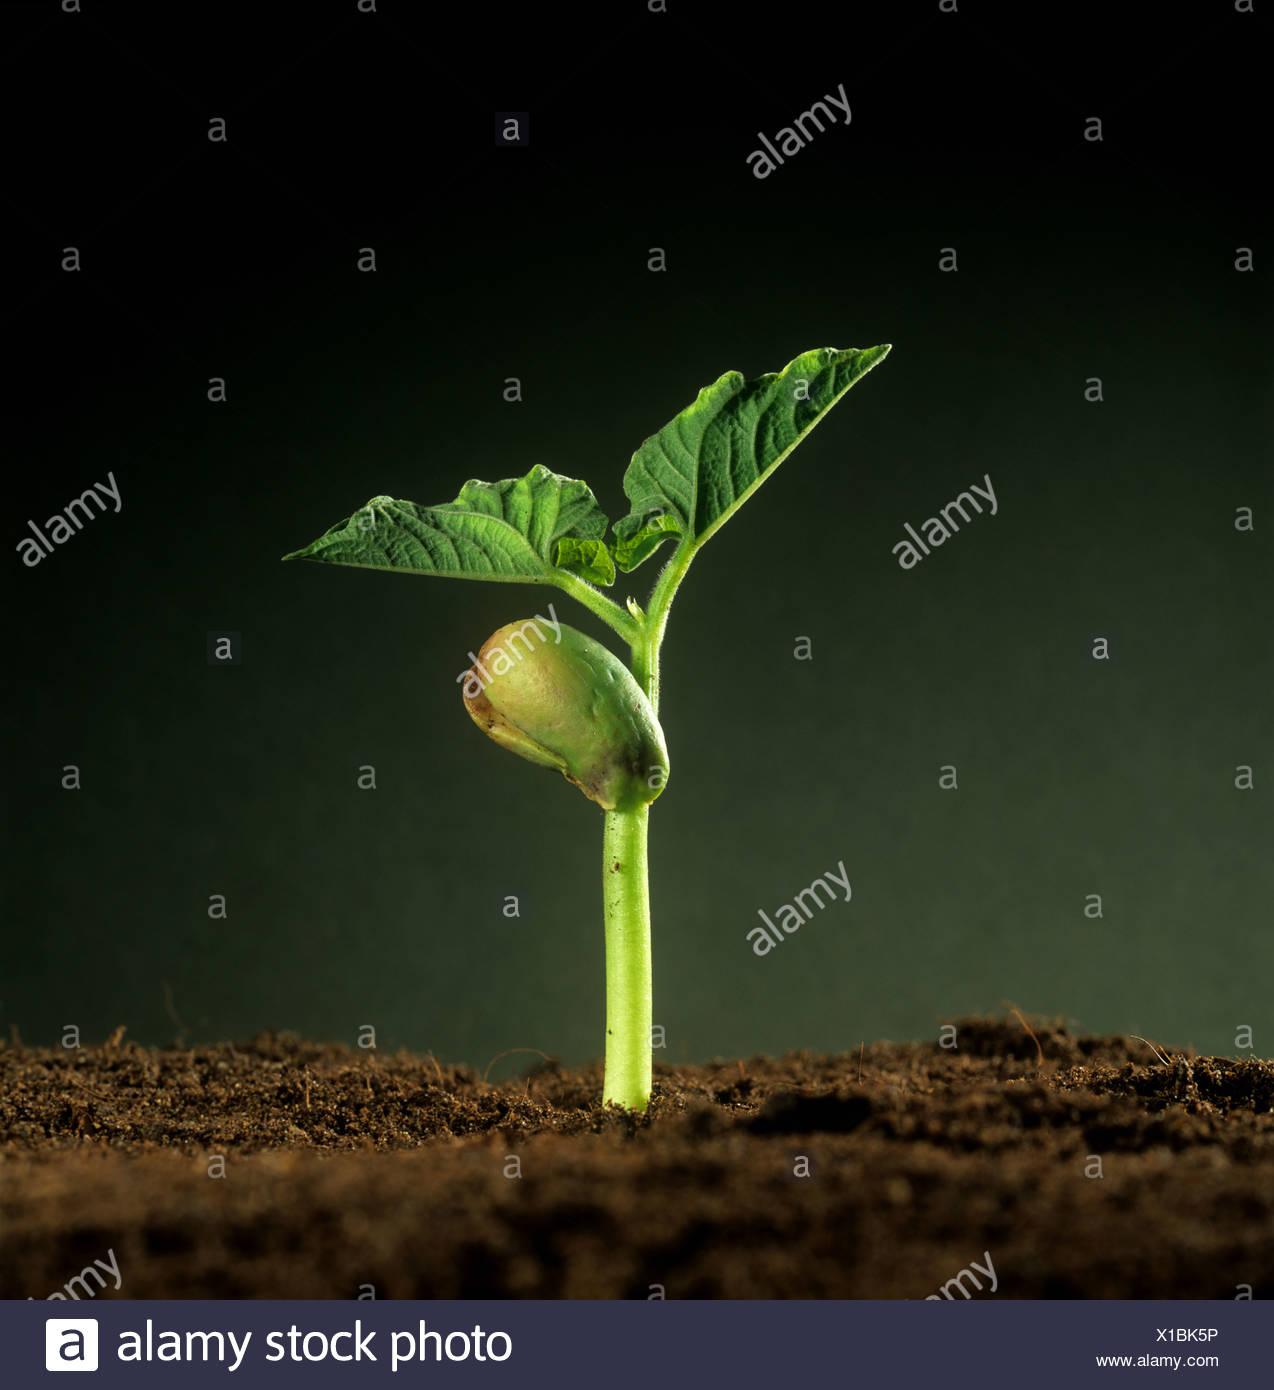 Le haricot (Phaseolus vulgaris) avec des semis et de réserves alimentaires cotylédon premières vraies feuilles Photo Stock